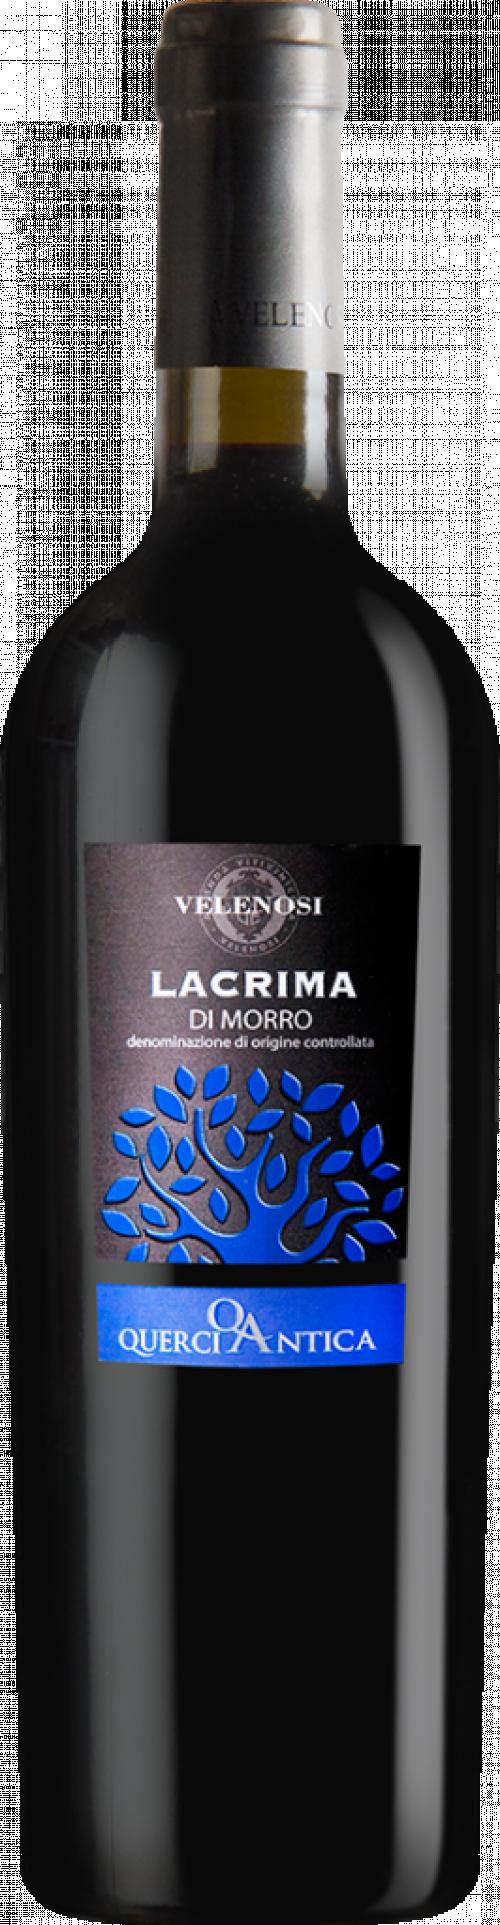 2018 Velenosi Lacrima Di Morro D'alba Querci Antica 750ml